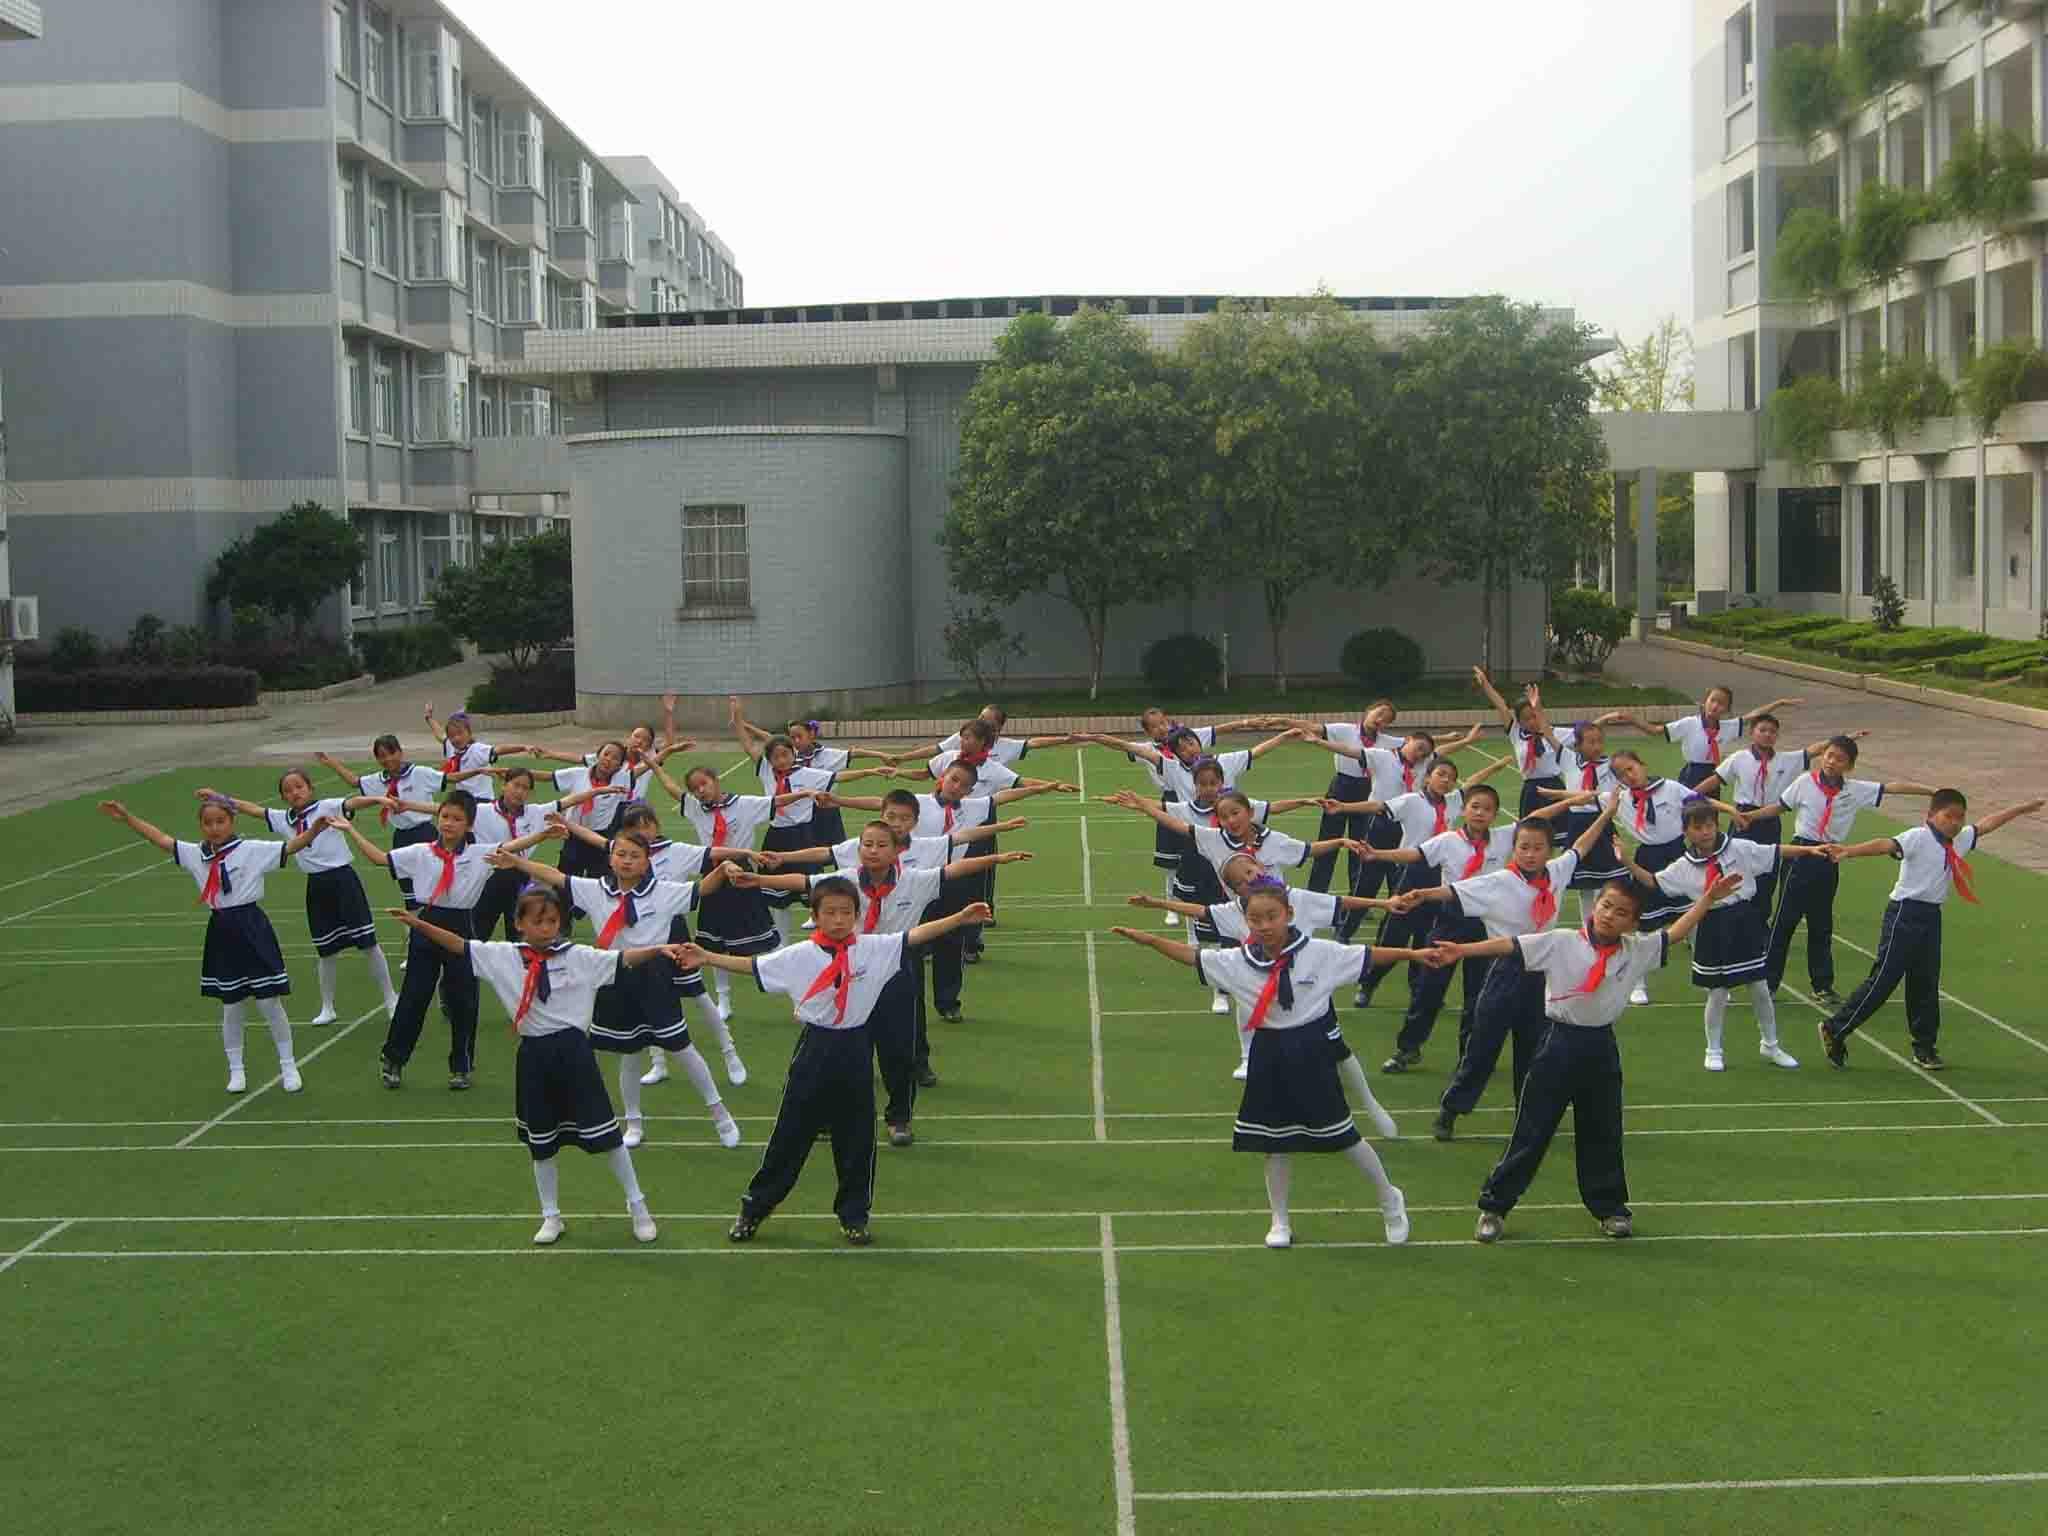 全国中小学校园集体舞推广受阻 家长:肢体接触致早恋